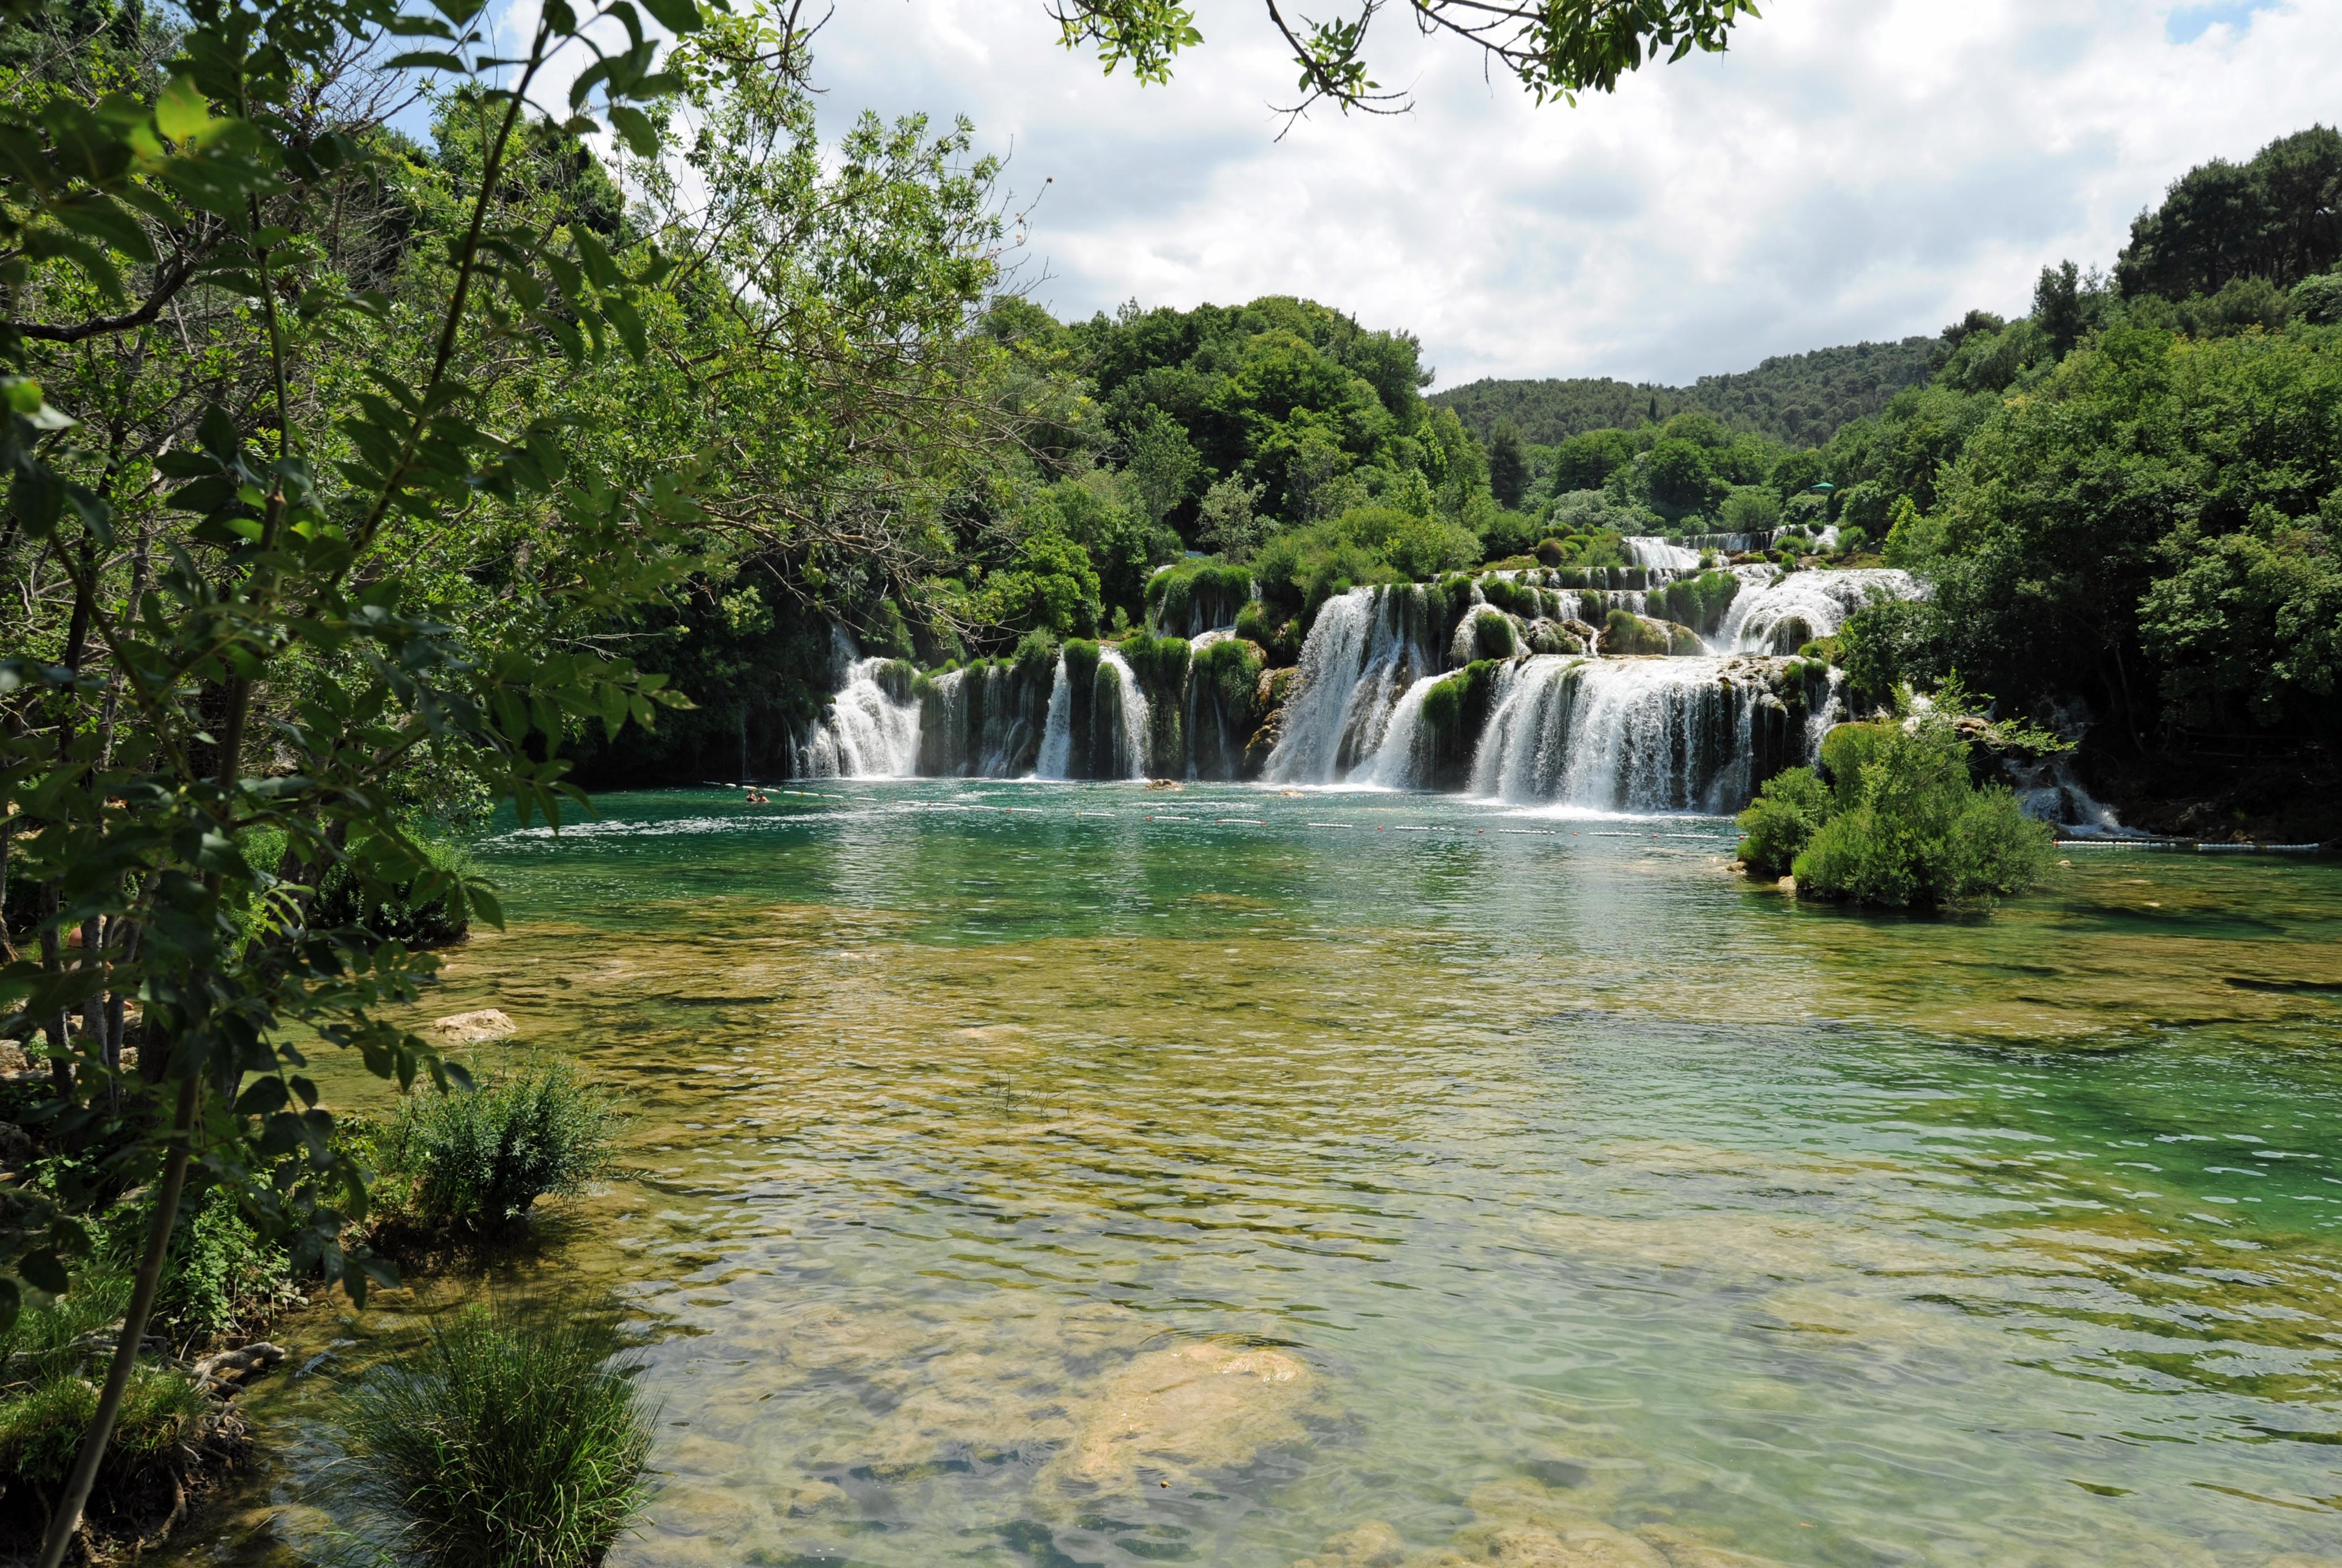 La rivi re krka en croatie les cascades de skradin - Image de cascade ...